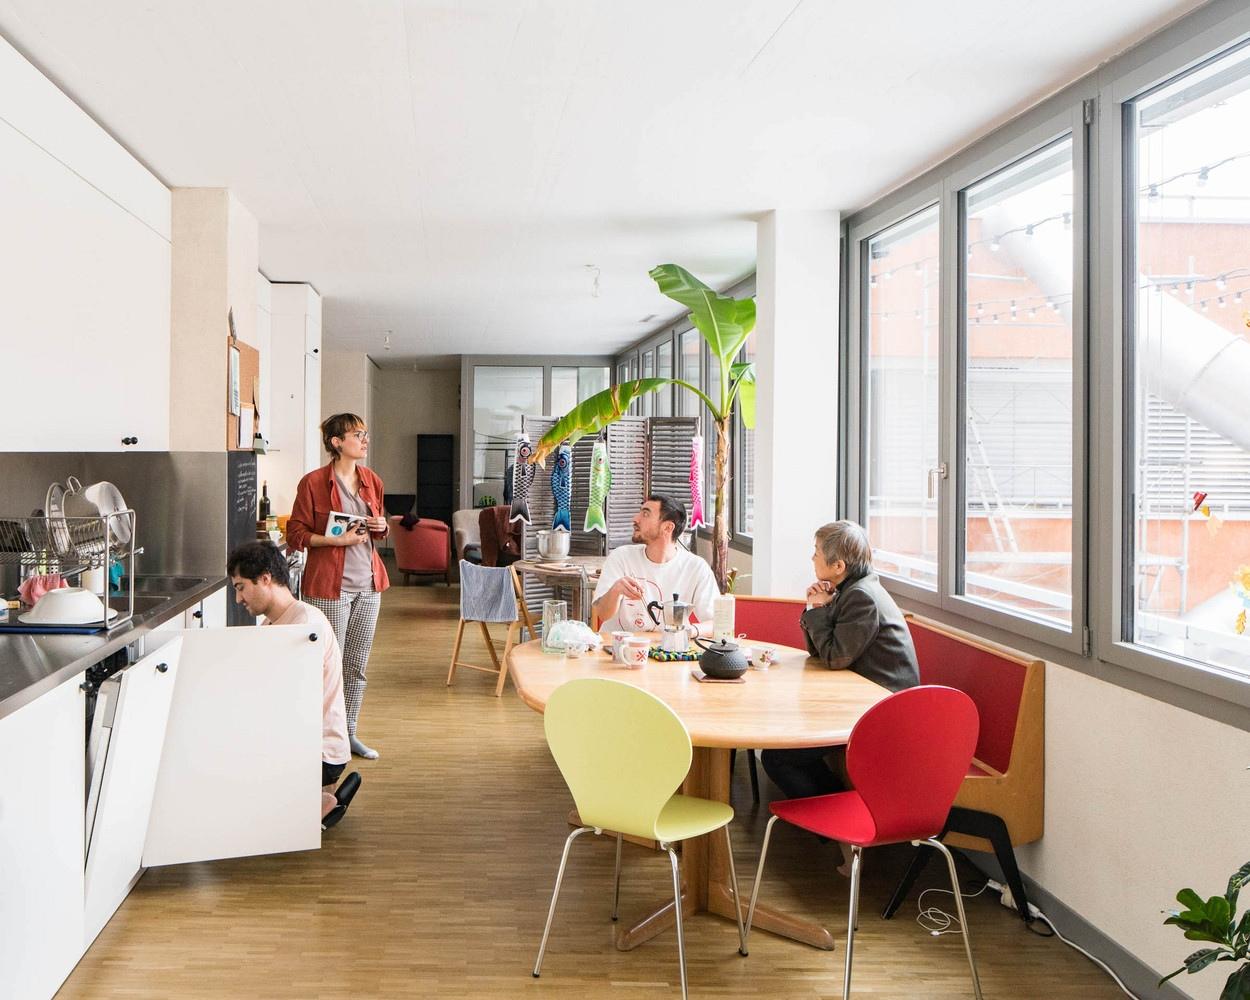 CODHA Apartment Building / Dreier Frenzel Architecture   Communication